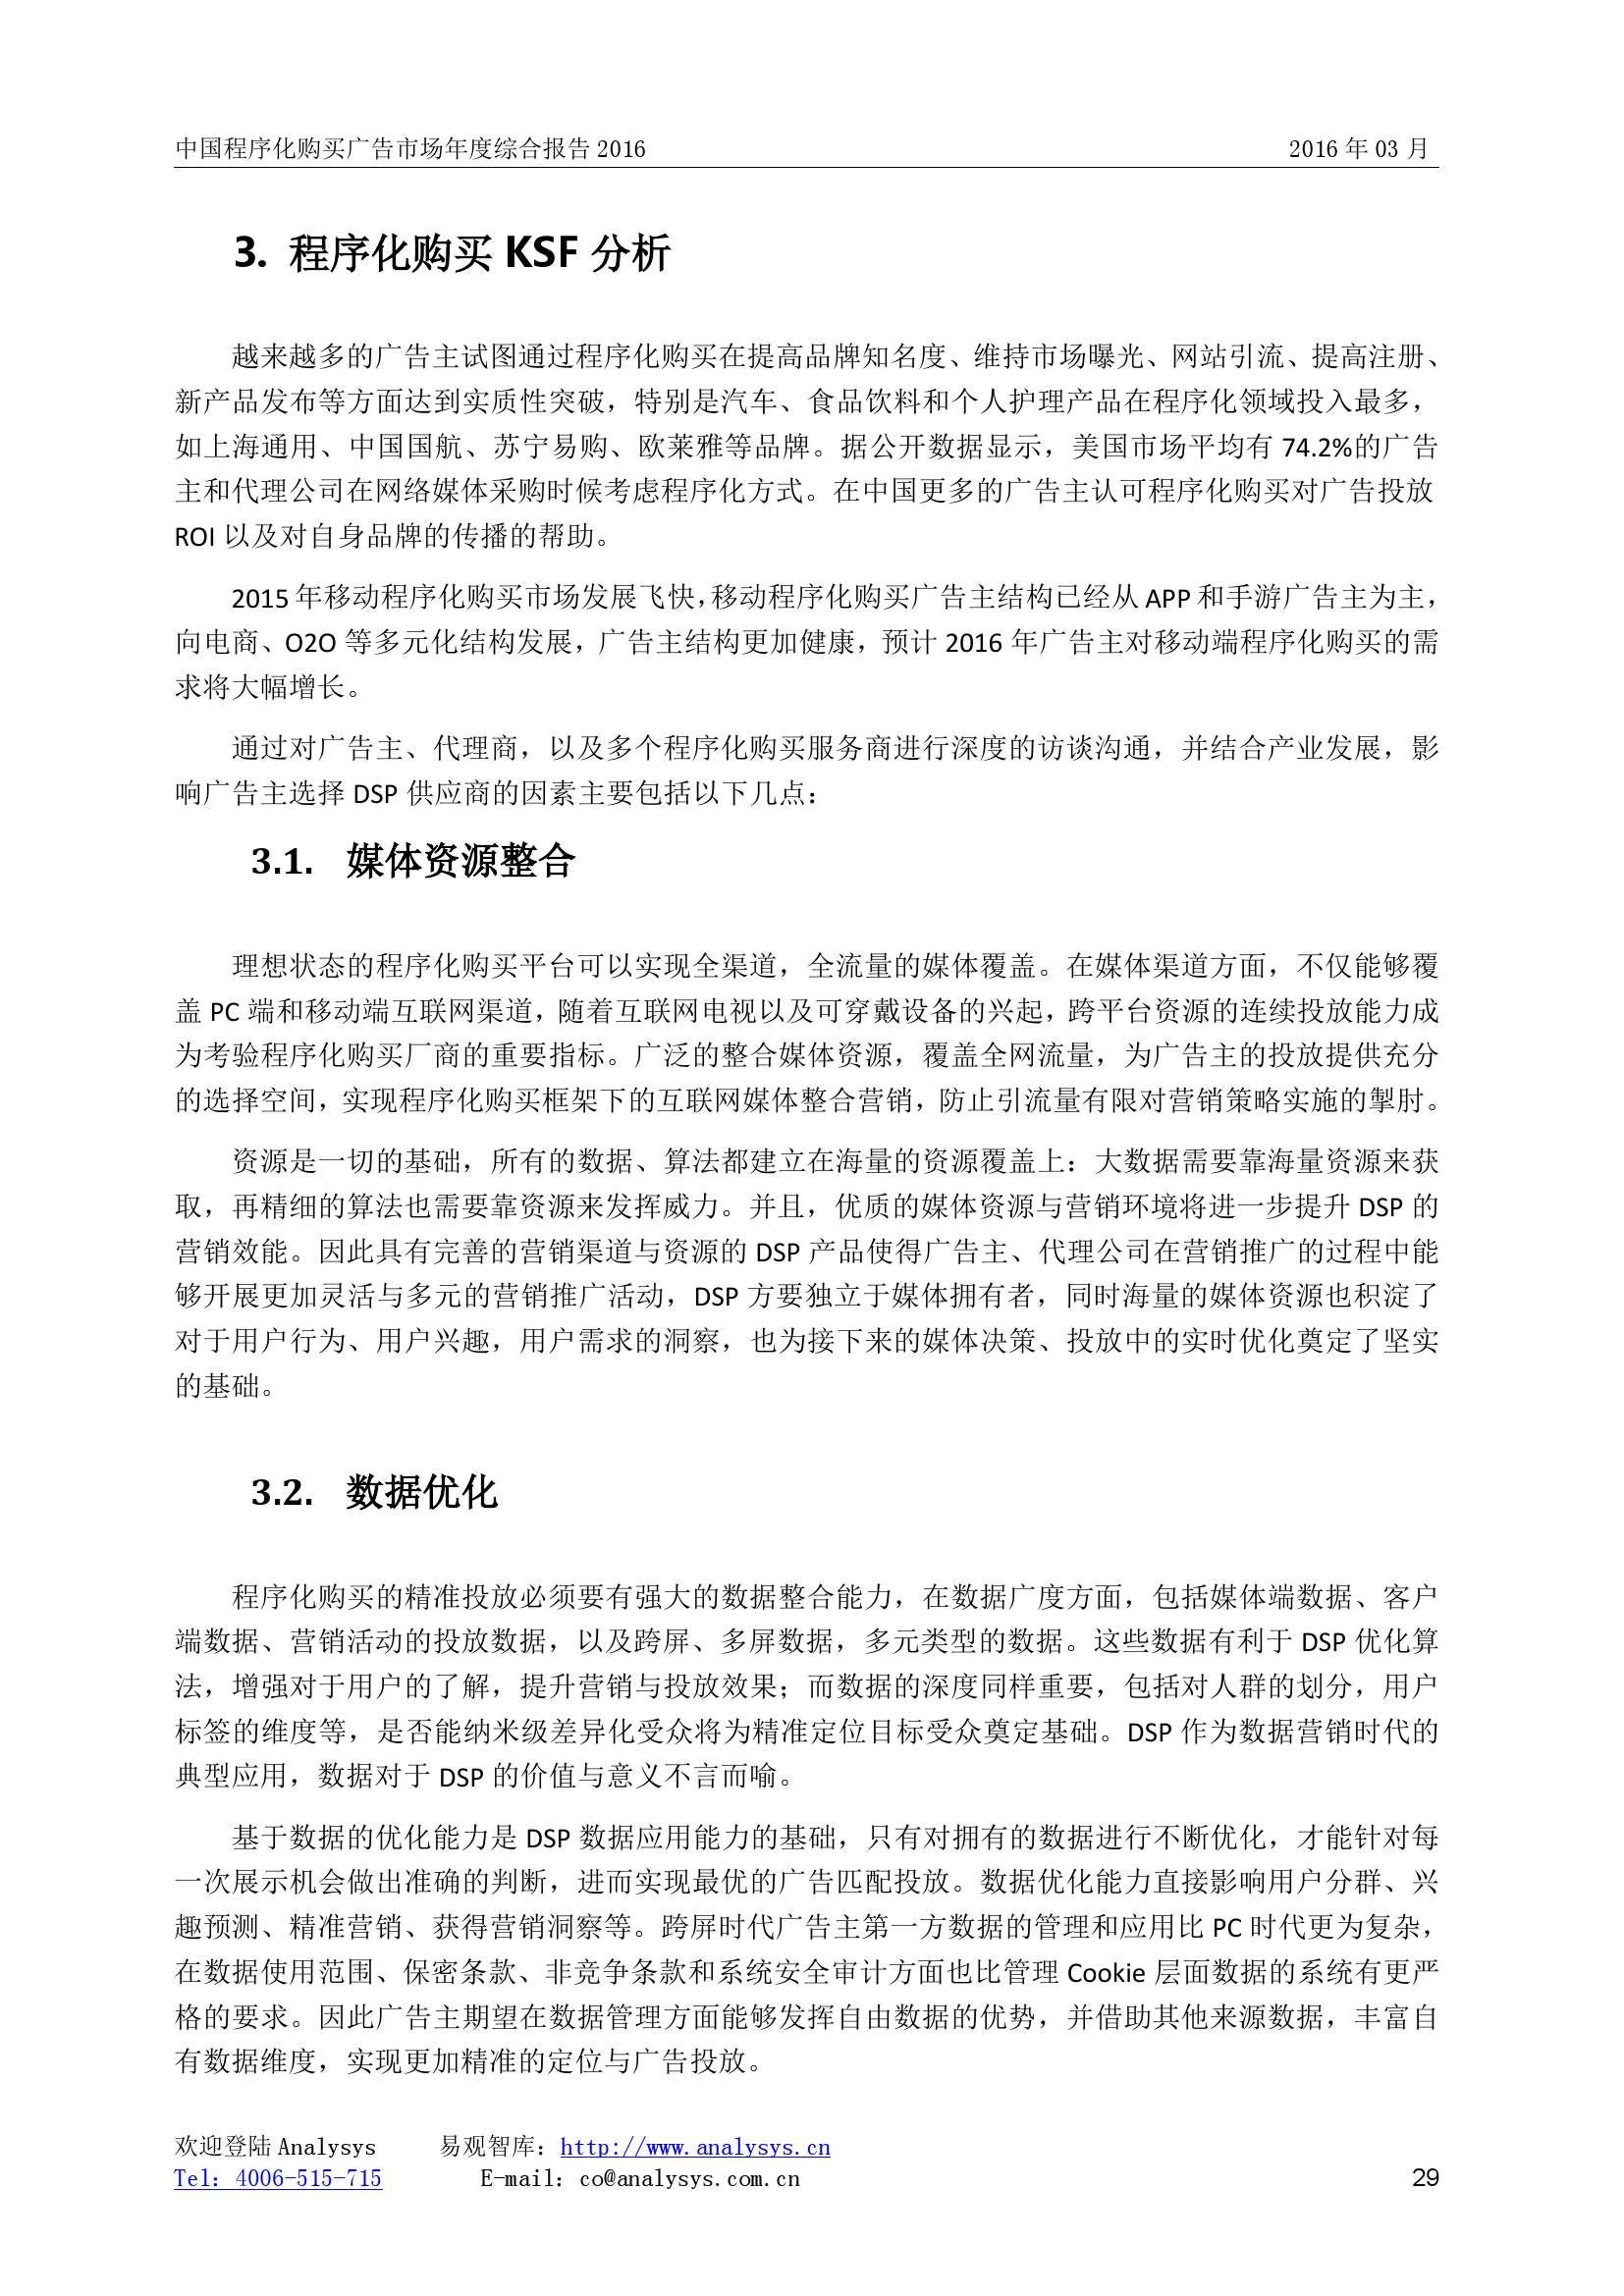 中国程序化购买广告市场年度综合报告2016_000029